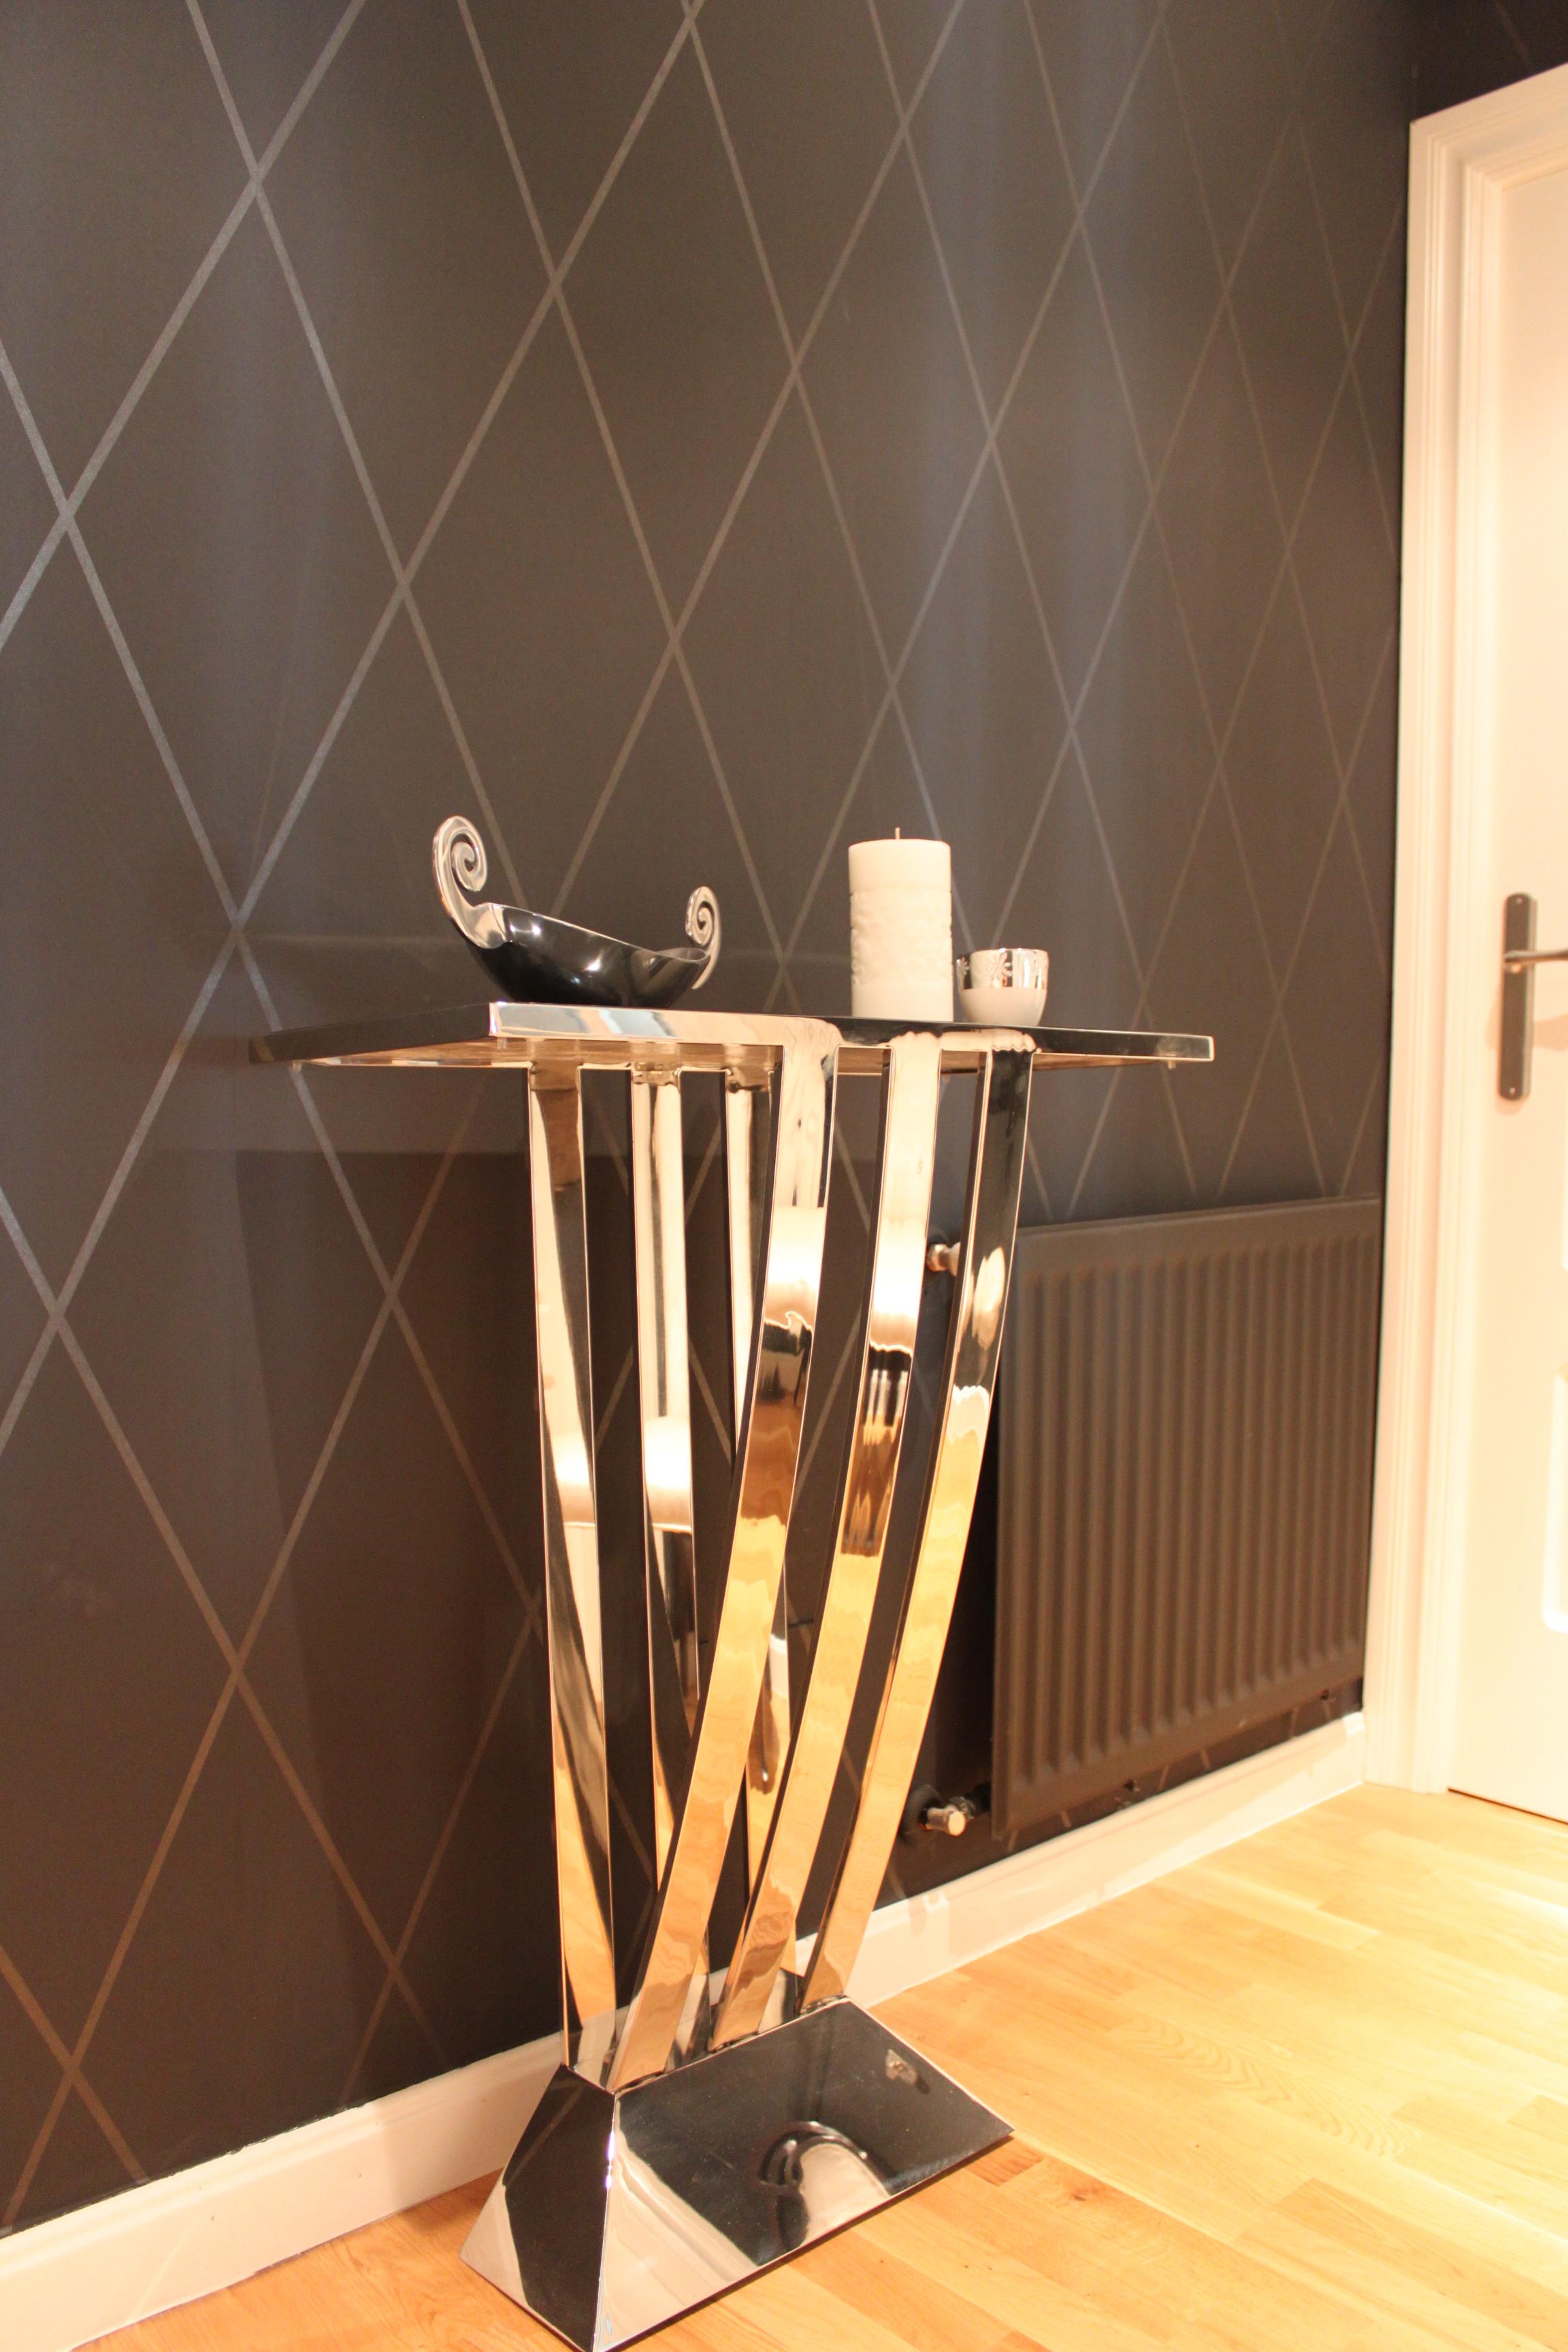 Comprar muebles salamanca caprichos de hogar decoracion de interiores papeles pintados telas - Entradas y pasillos ...